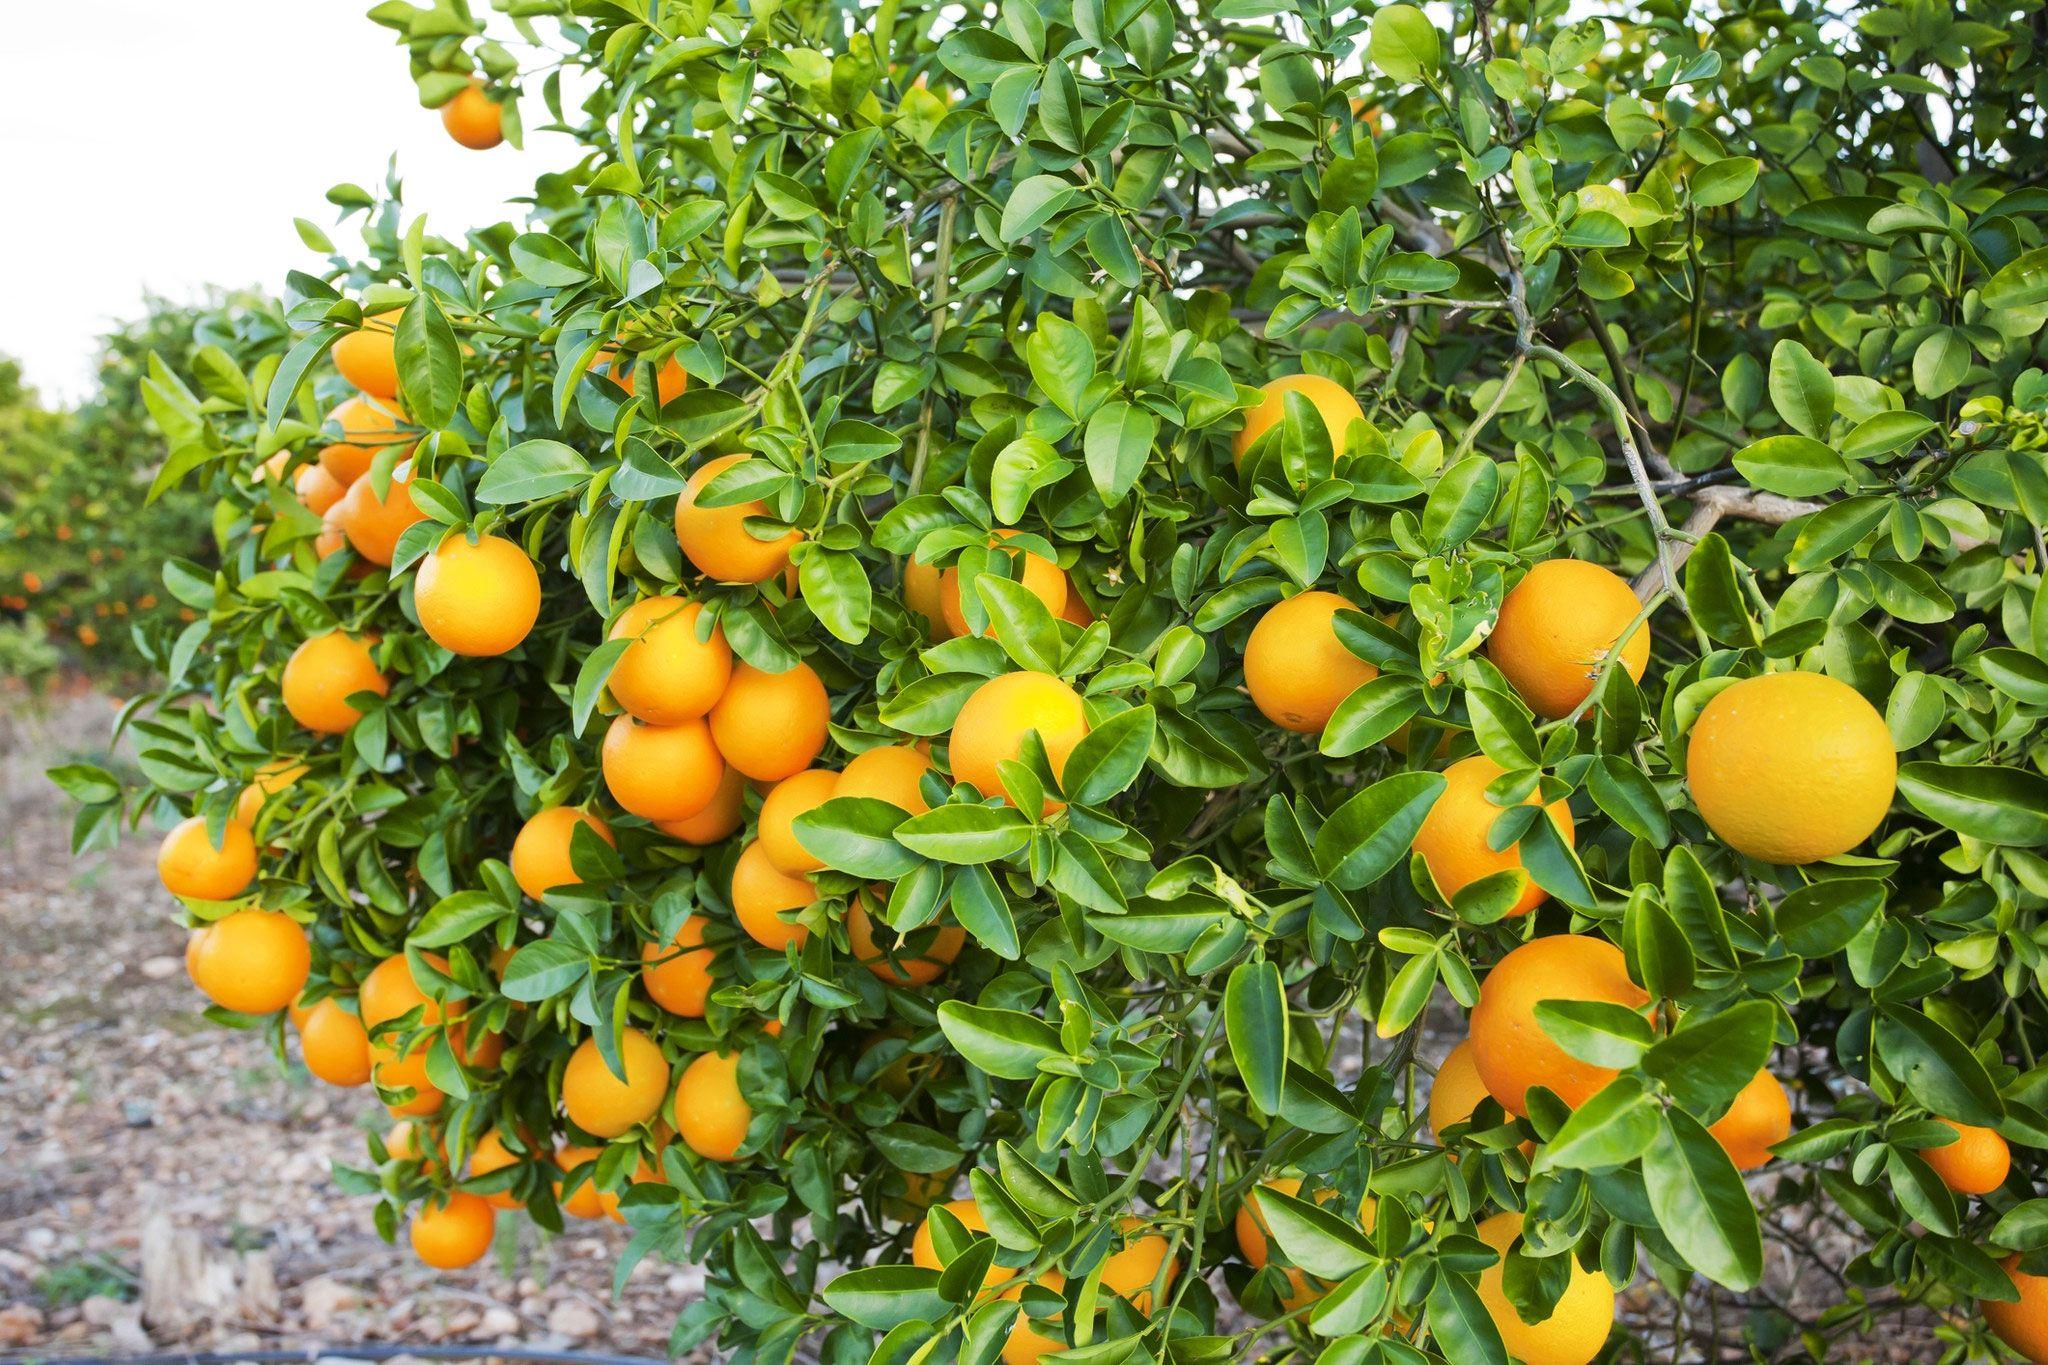 میوه های خانواده مرکبات در آنتالیا